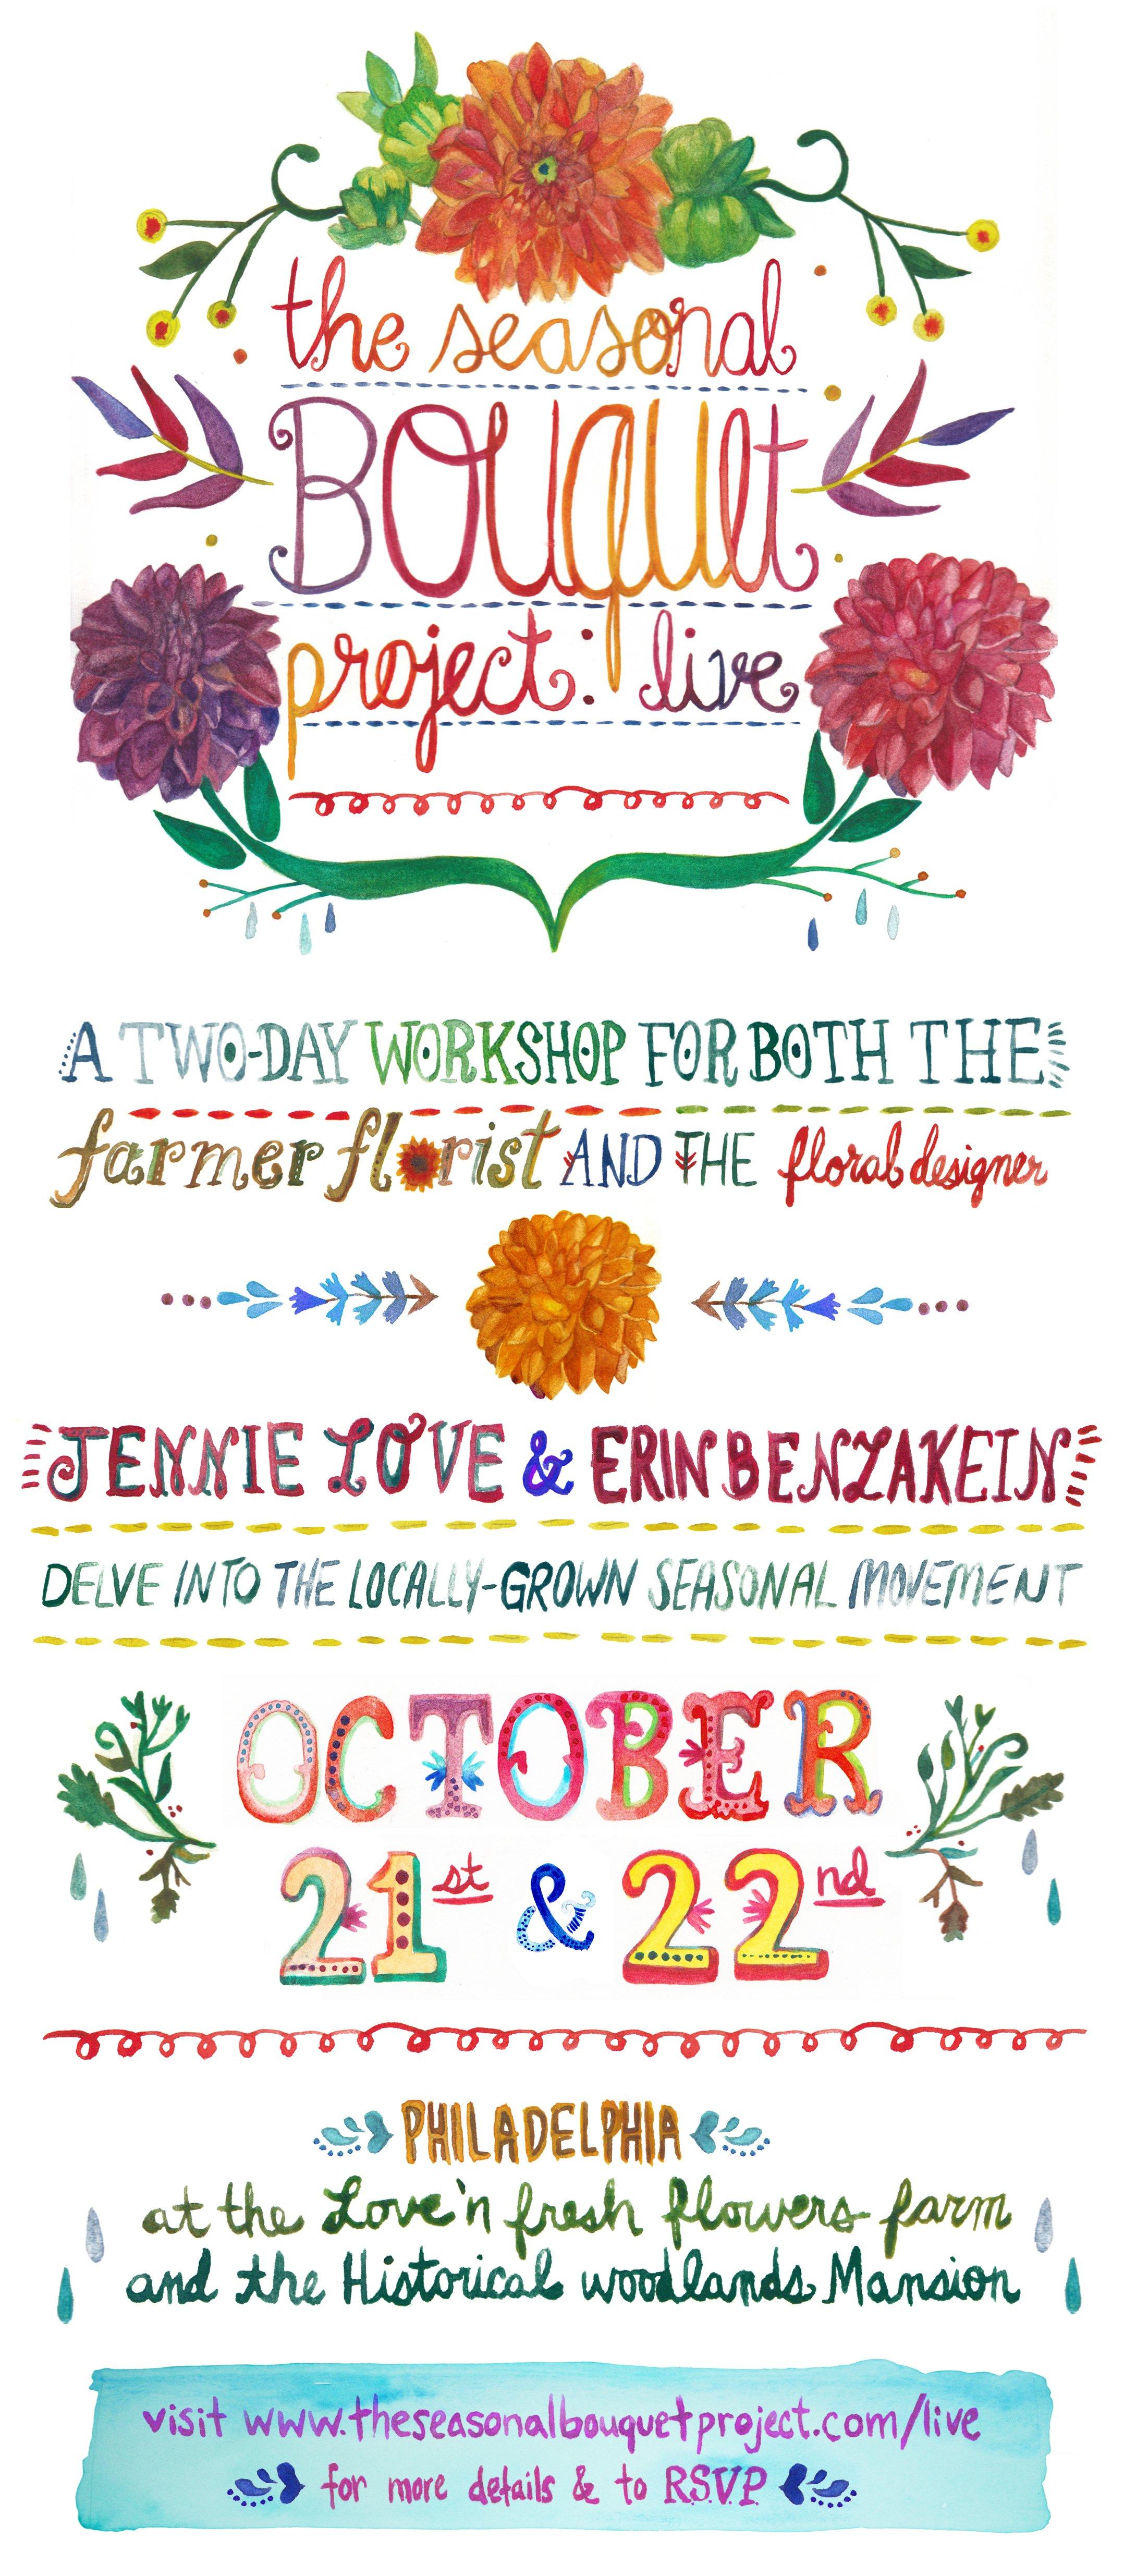 Seasonal Bouquet Project